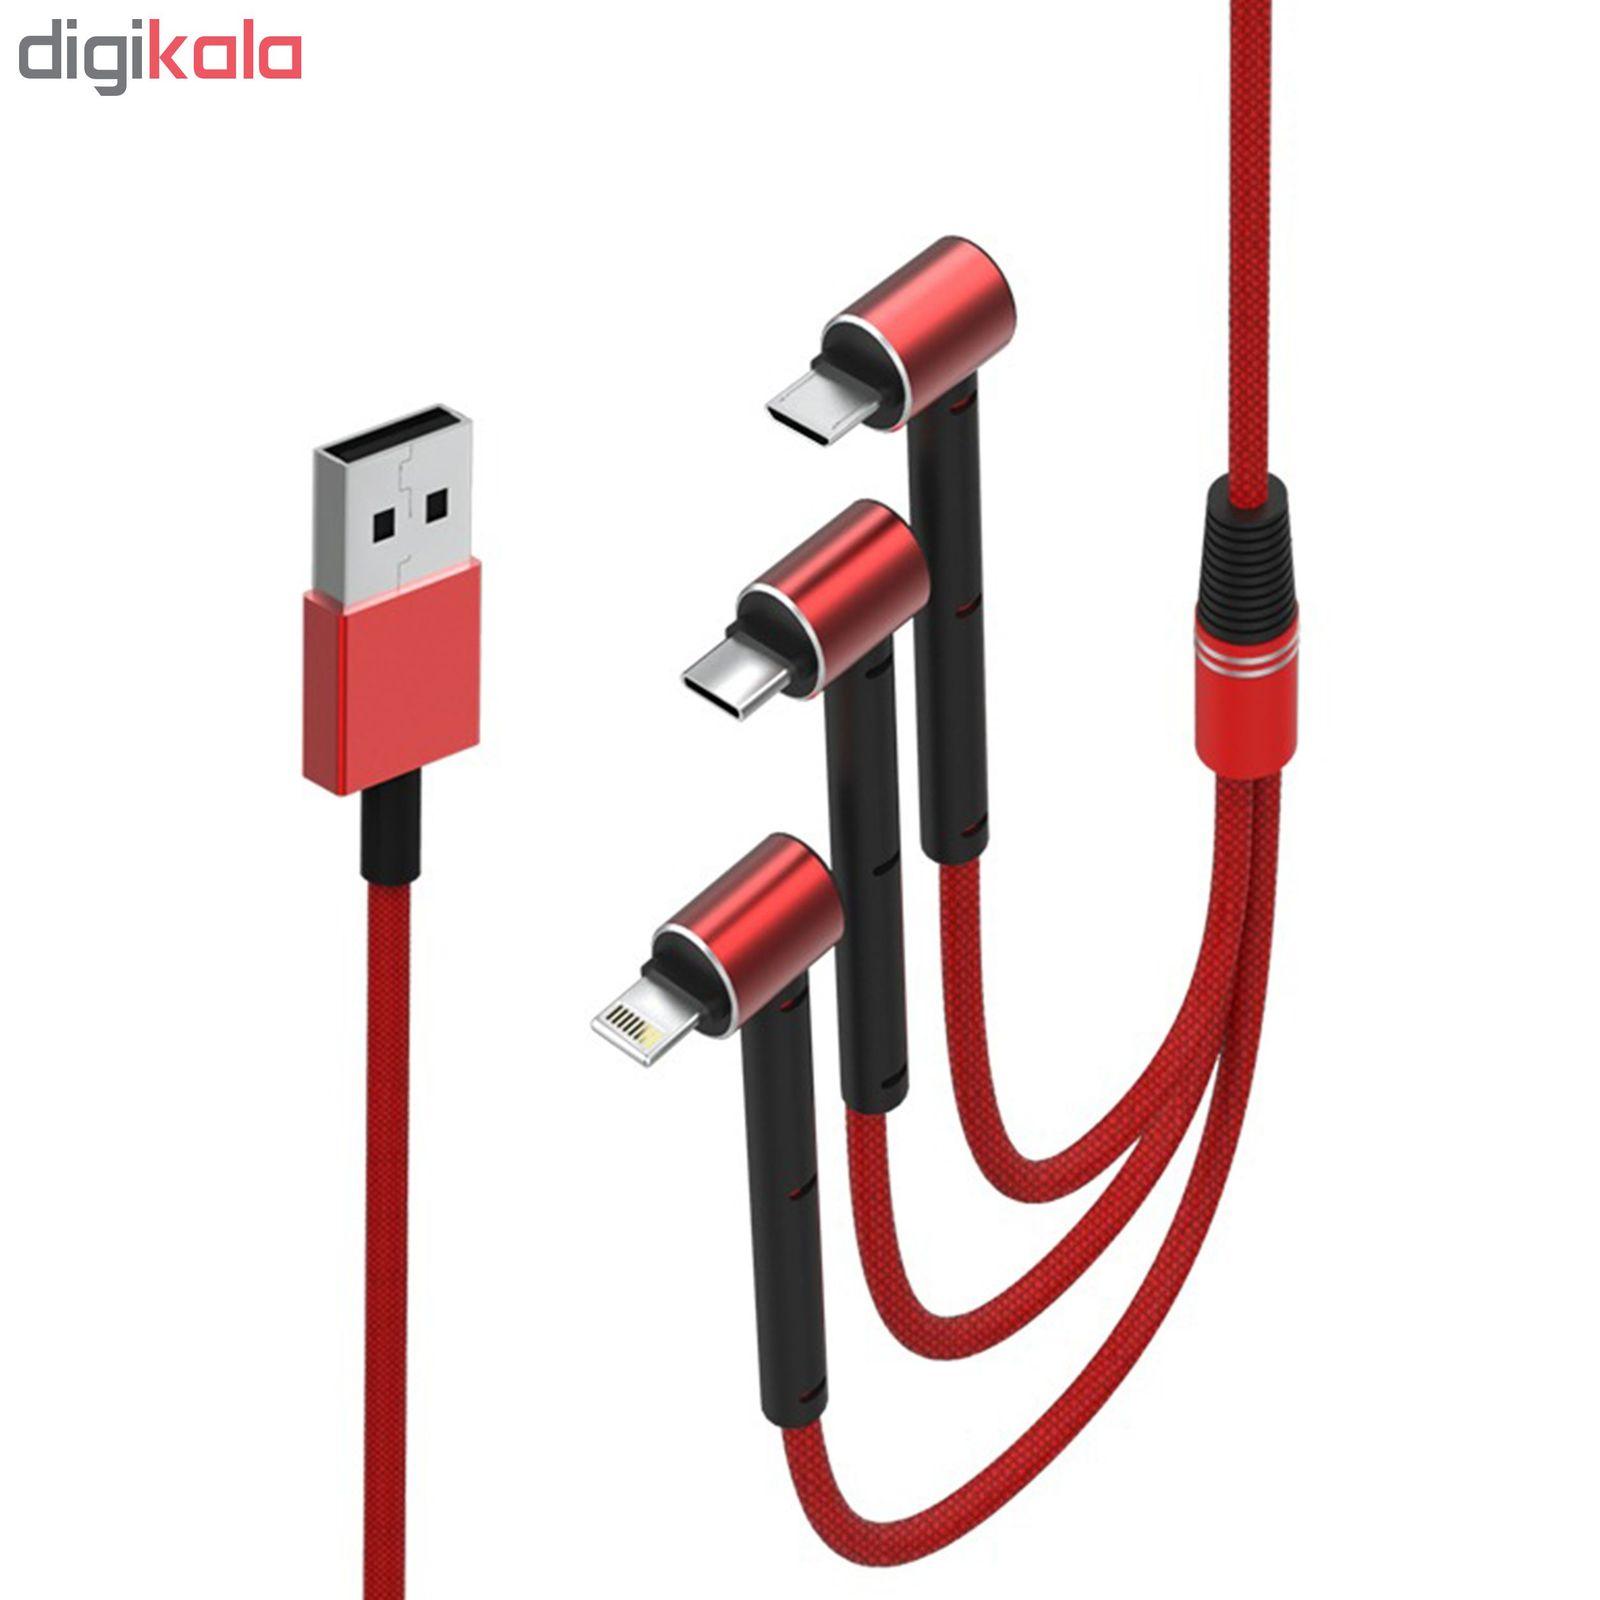 کابل تبدیل USB به MicroUSB/Lightning/USB-C تسکو مدل TC A100 طول 1.2 متر main 1 2